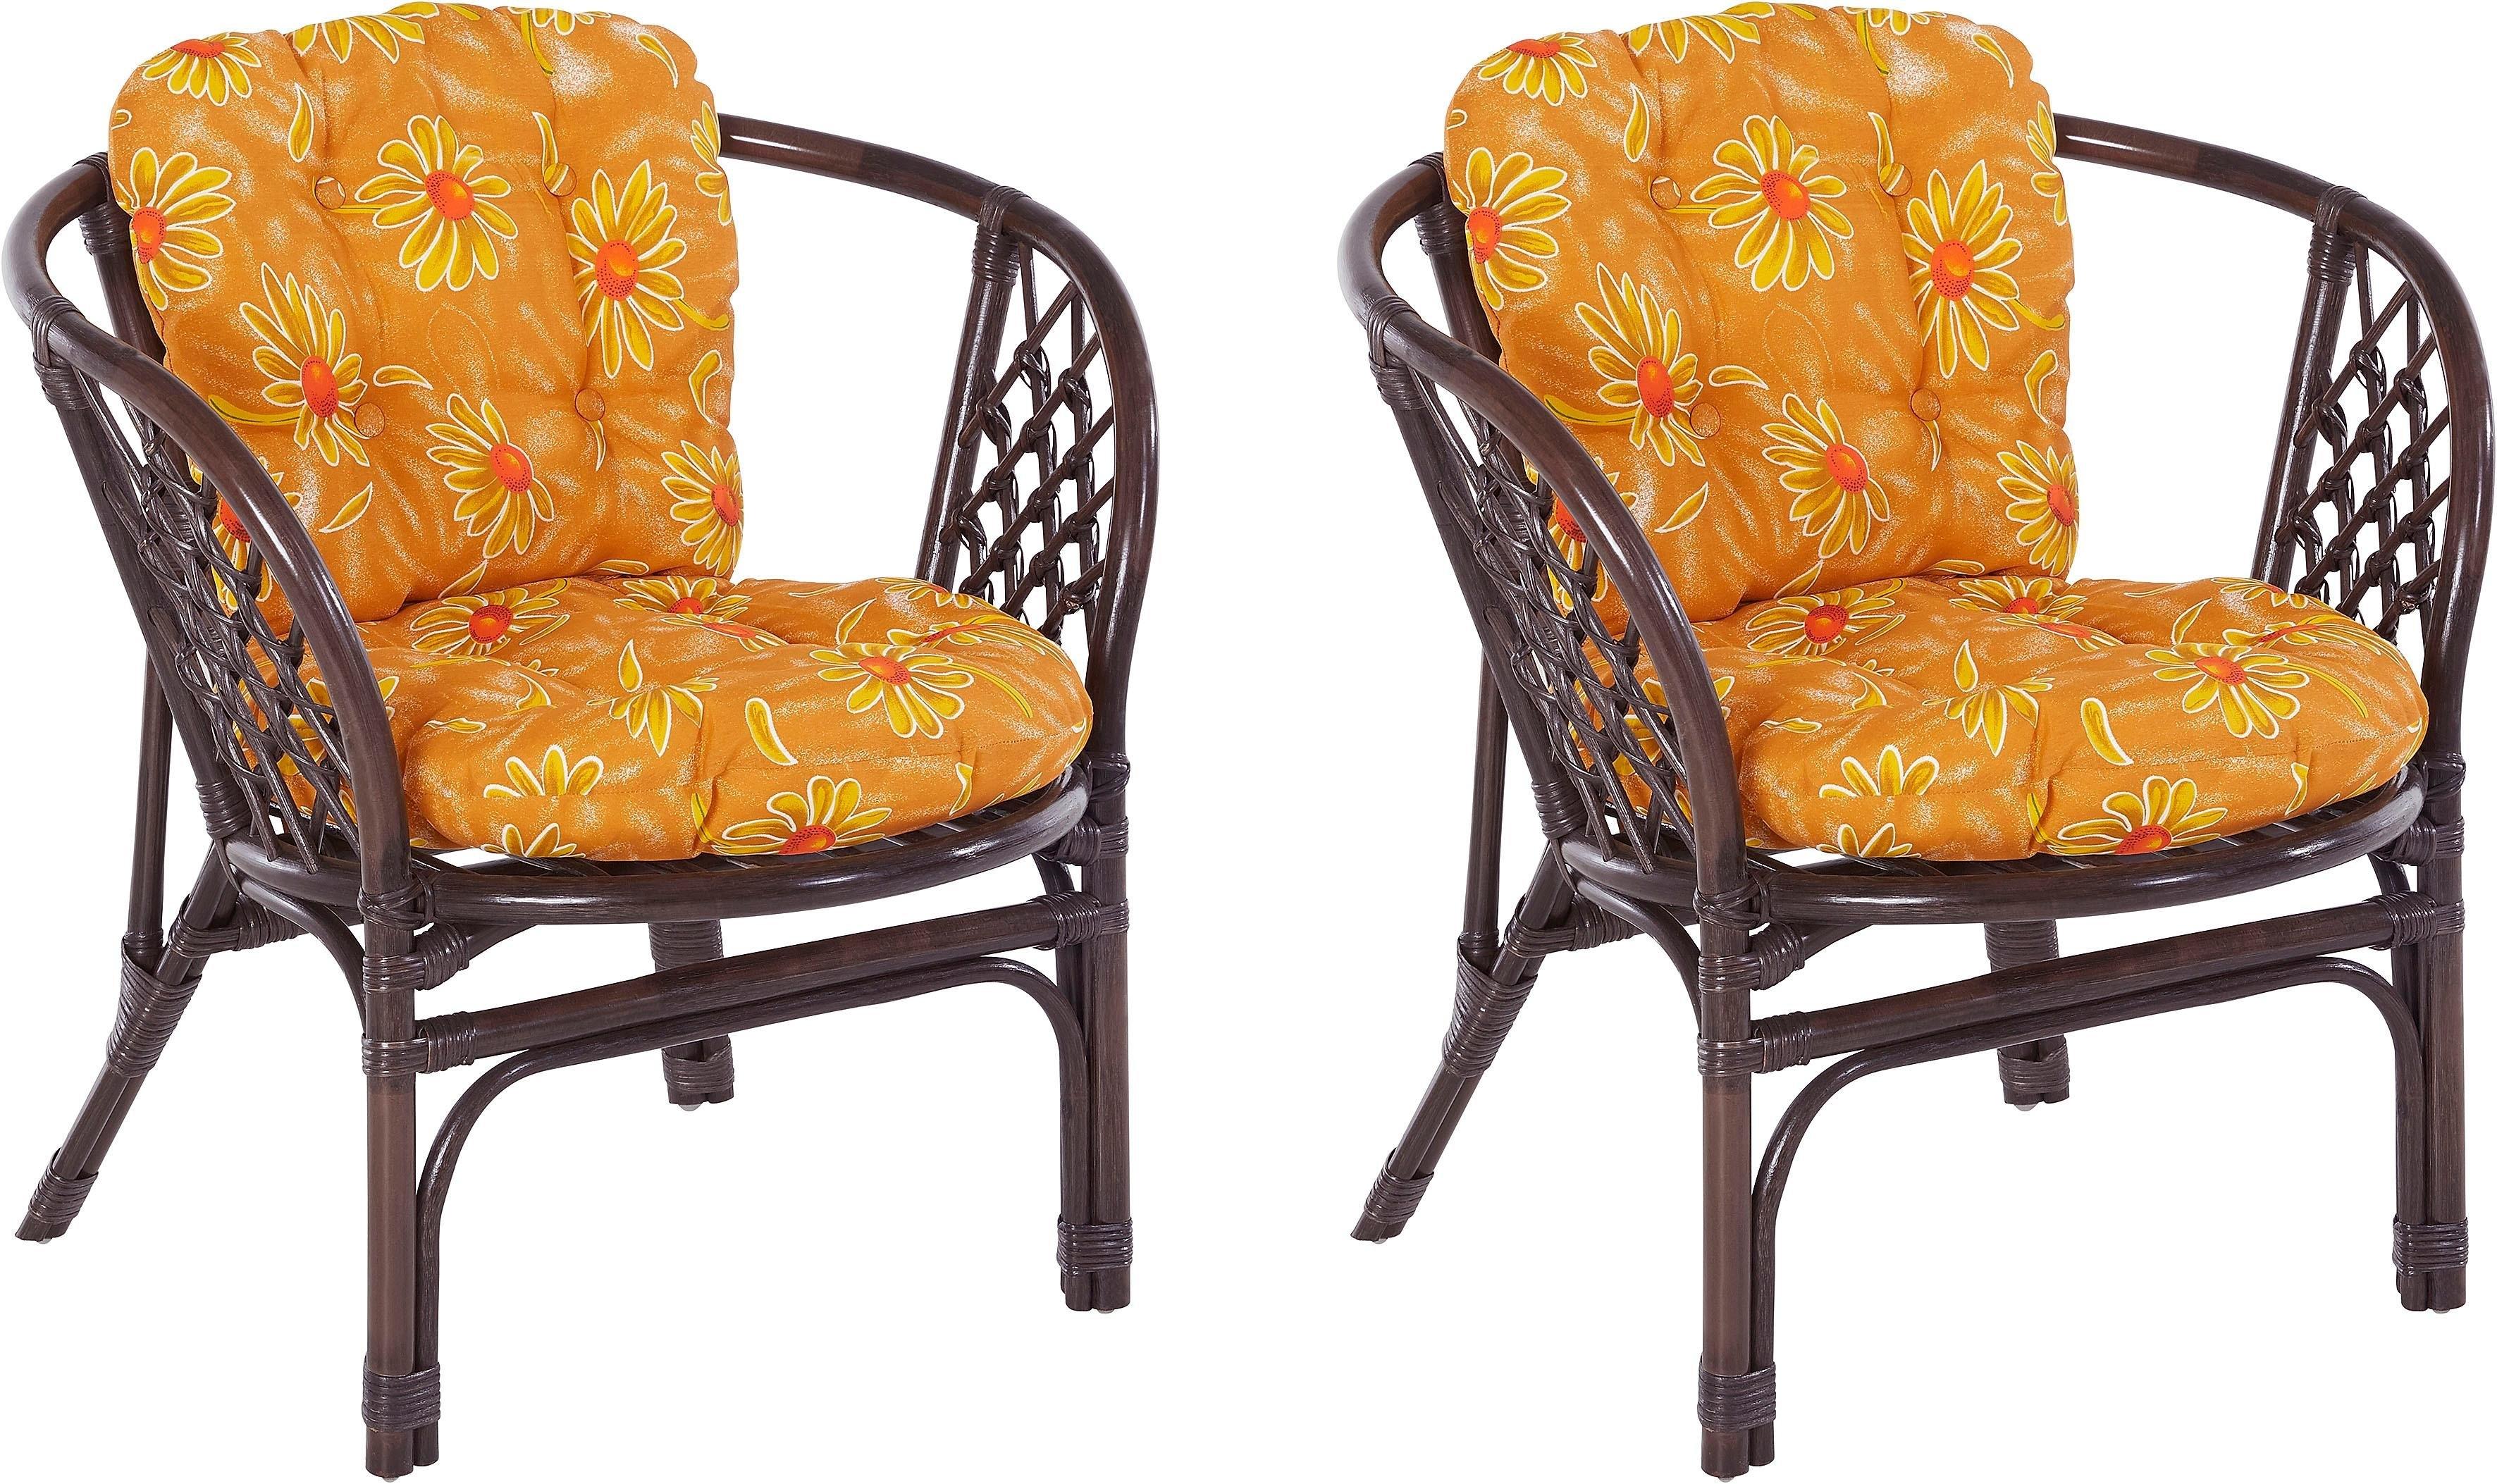 Home affaire rotanstoel Rotanfauteuil in een set van 2 van met de hand gevlochten rotan en bijpassende kussens, breedte 66 cm - verschillende betaalmethodes